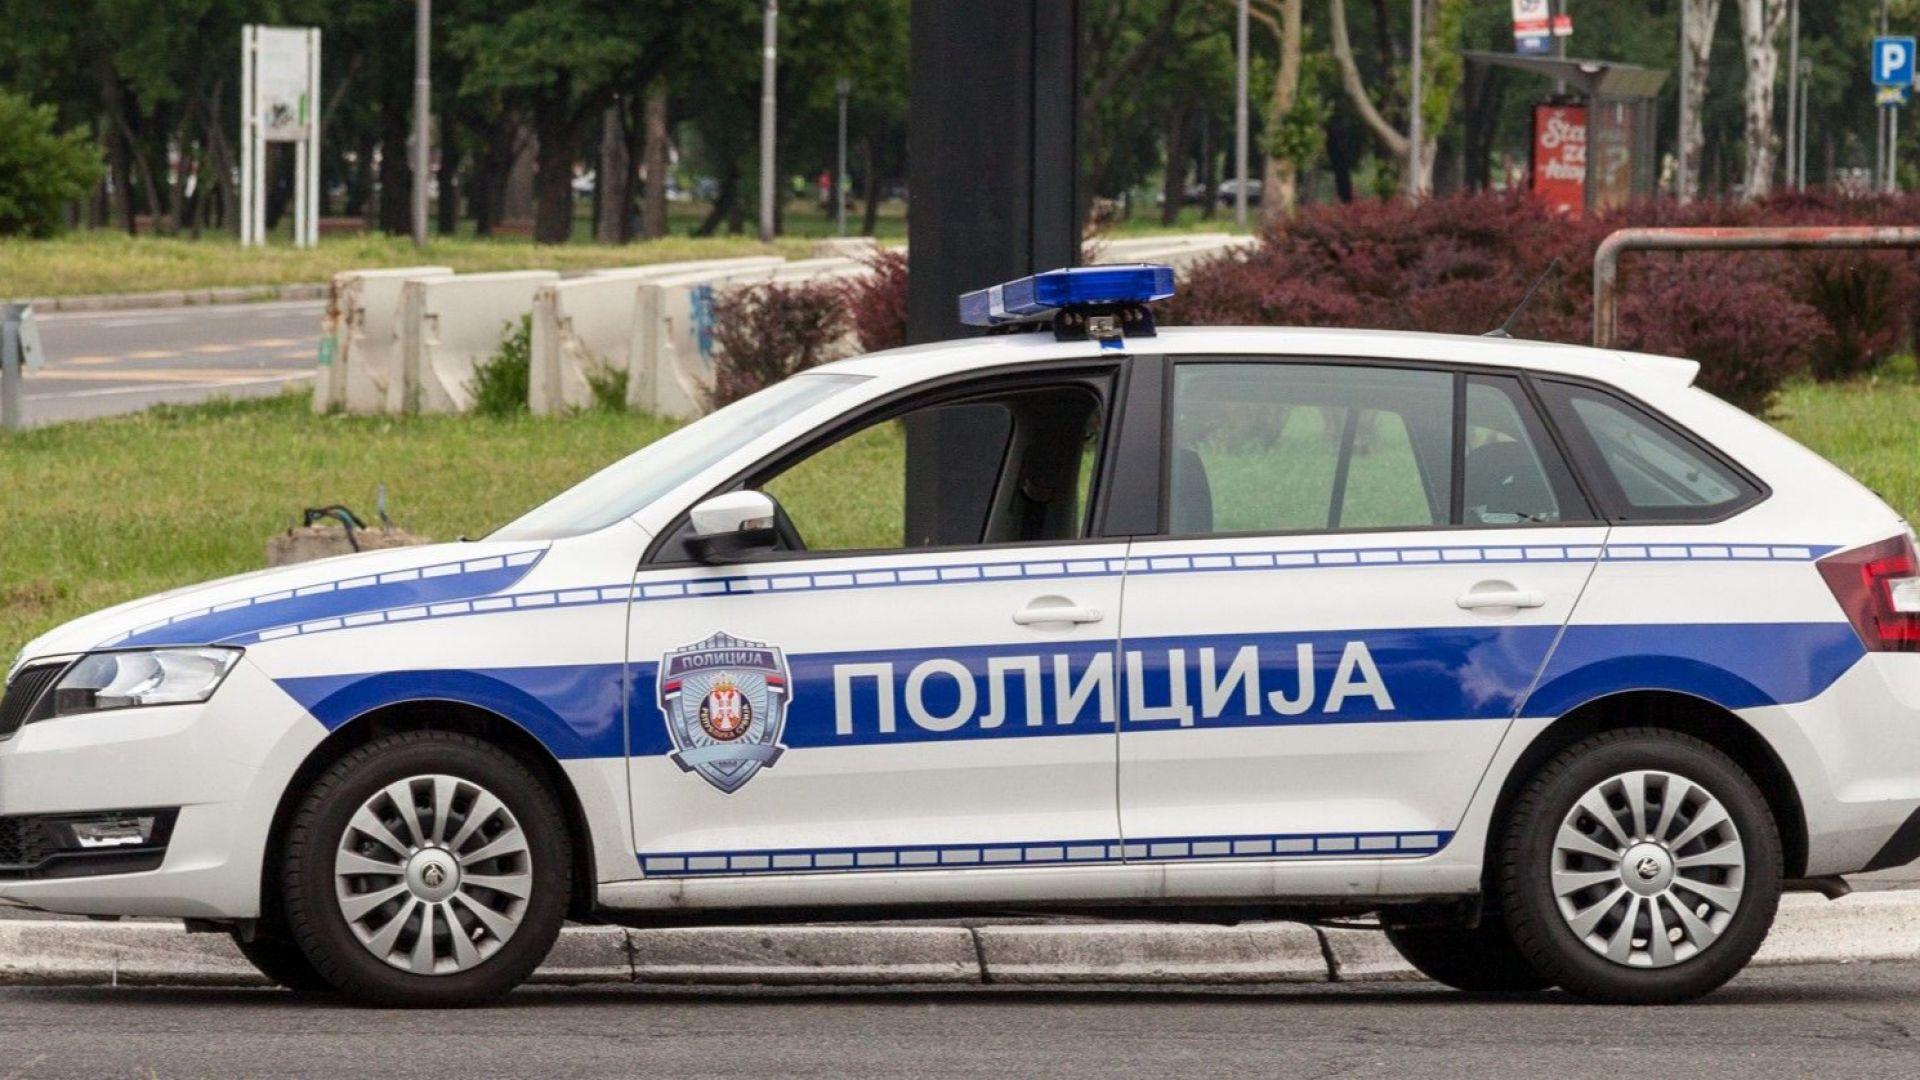 Млад шофьор лети в Сърбия с 248 км/ч, 1167 евро му е глобата